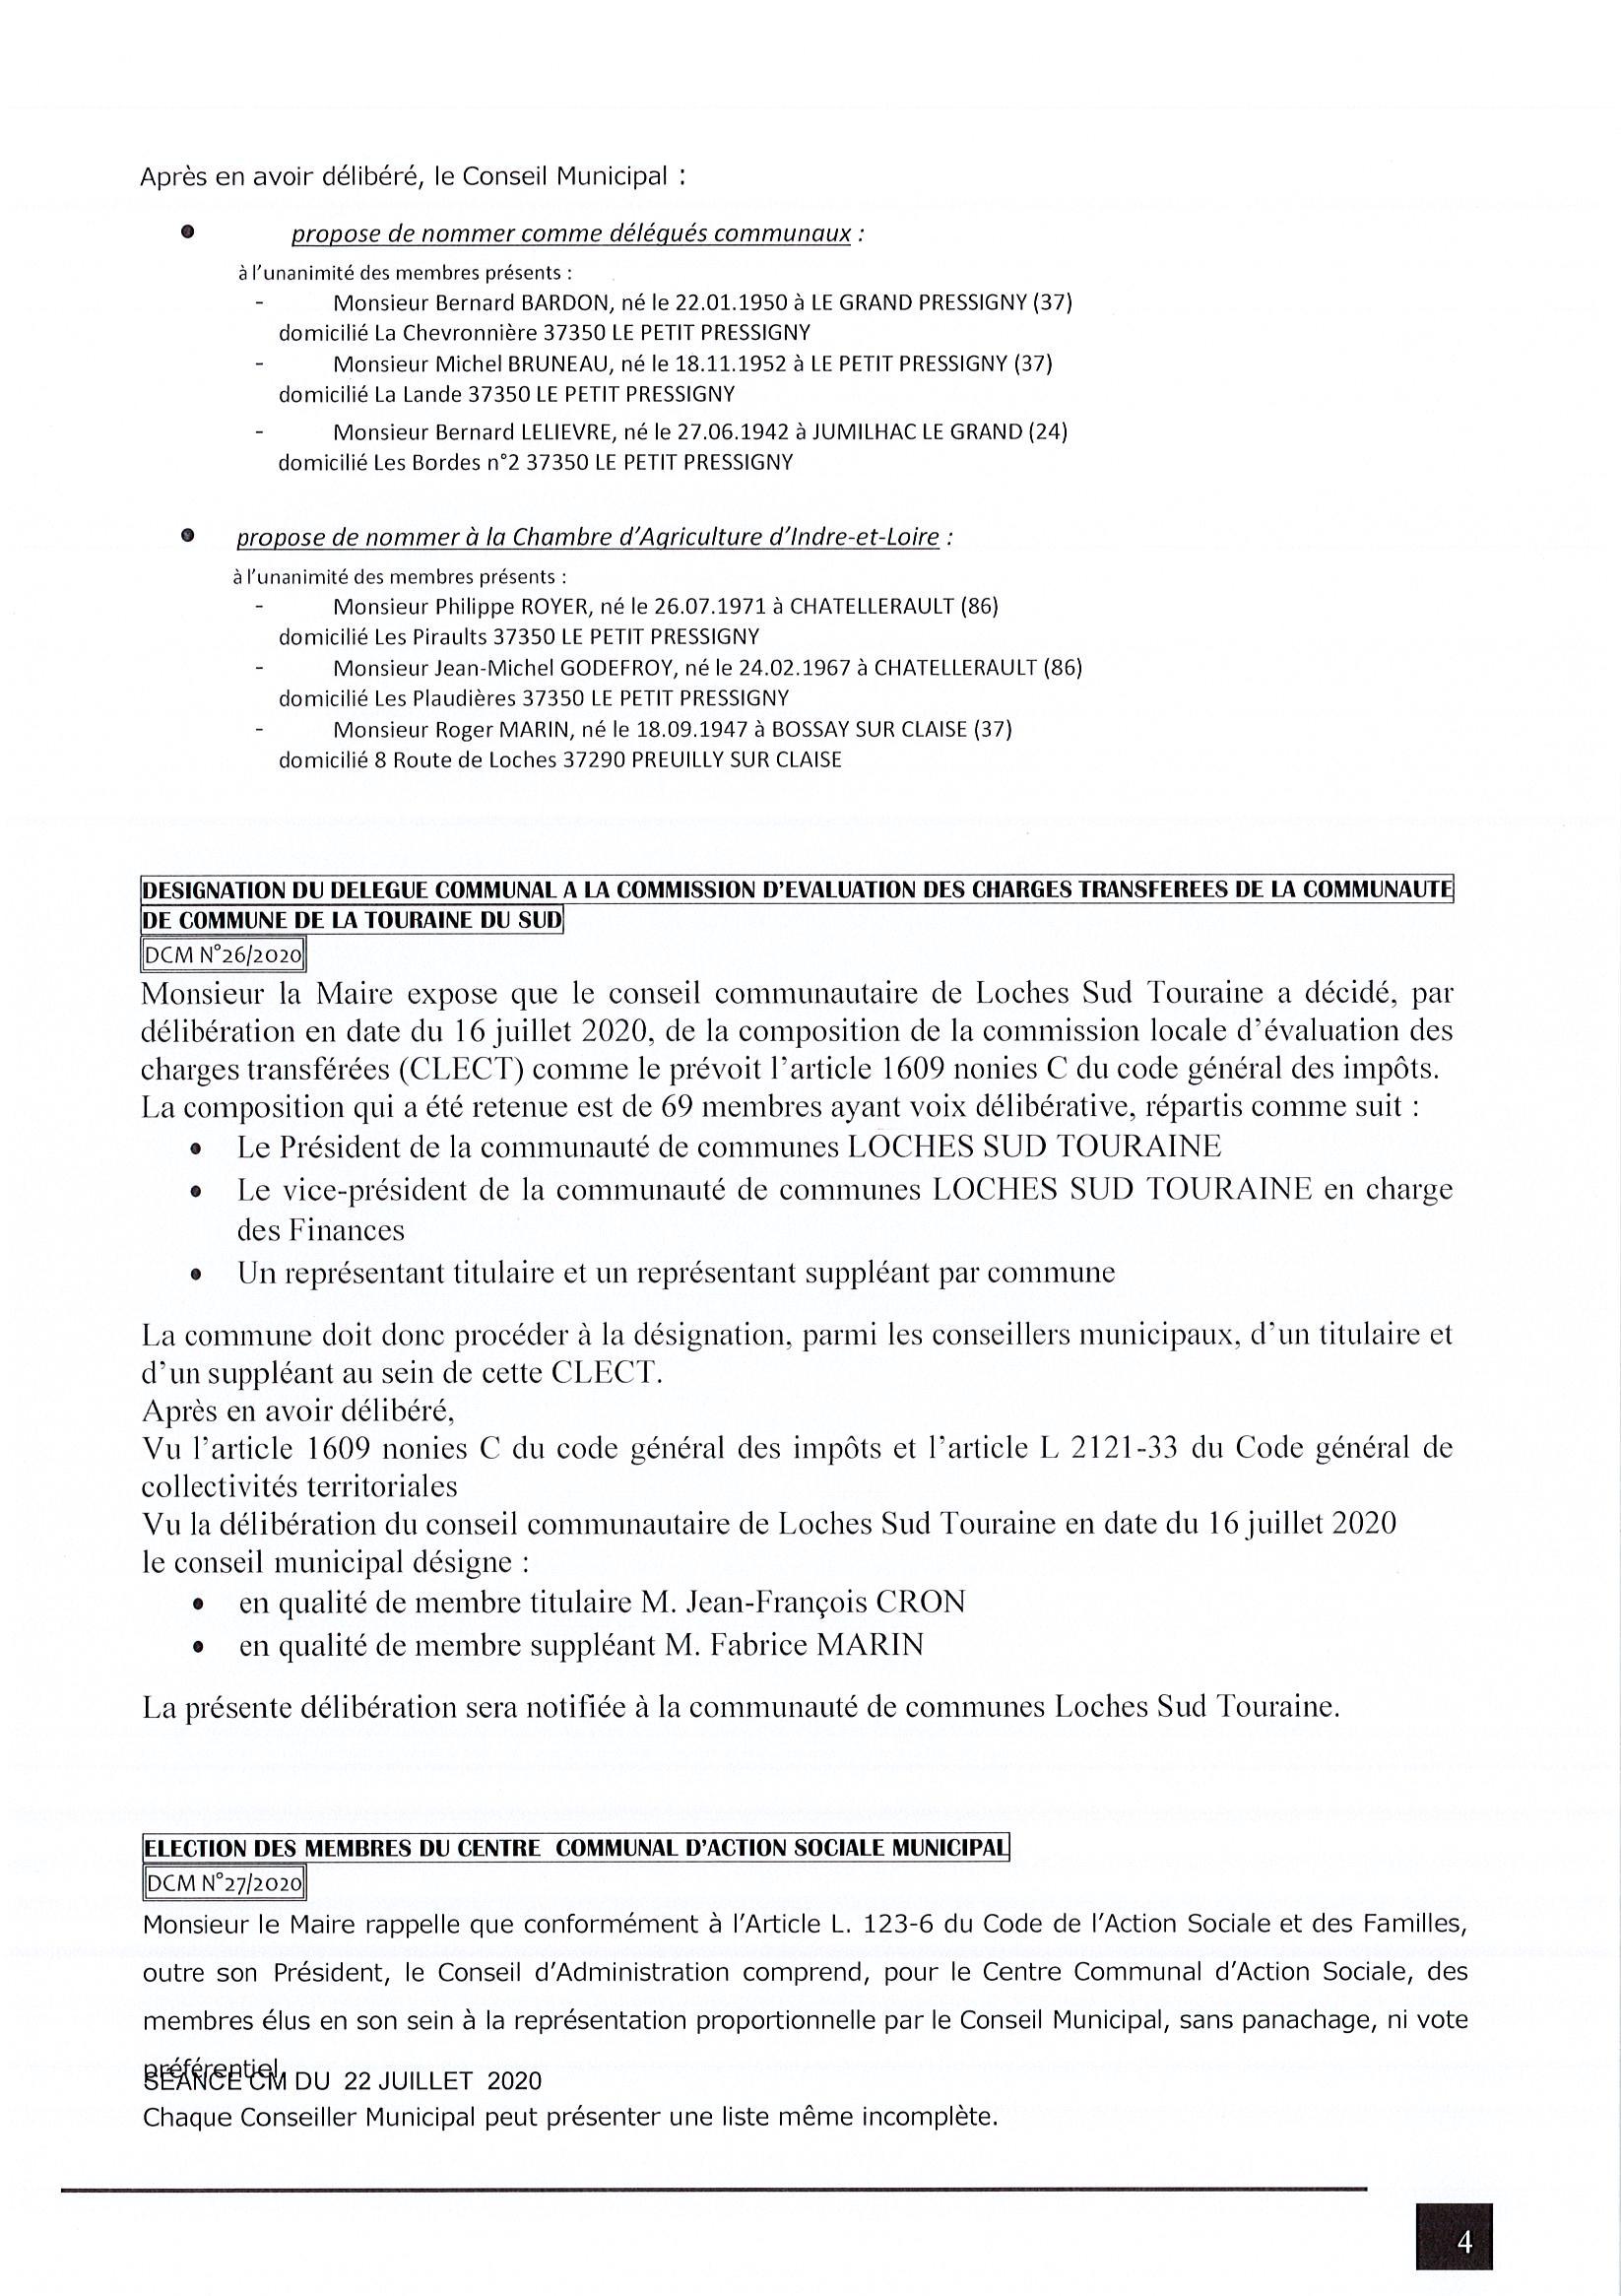 accueil/doc101120-10112020121830-0022.jpg